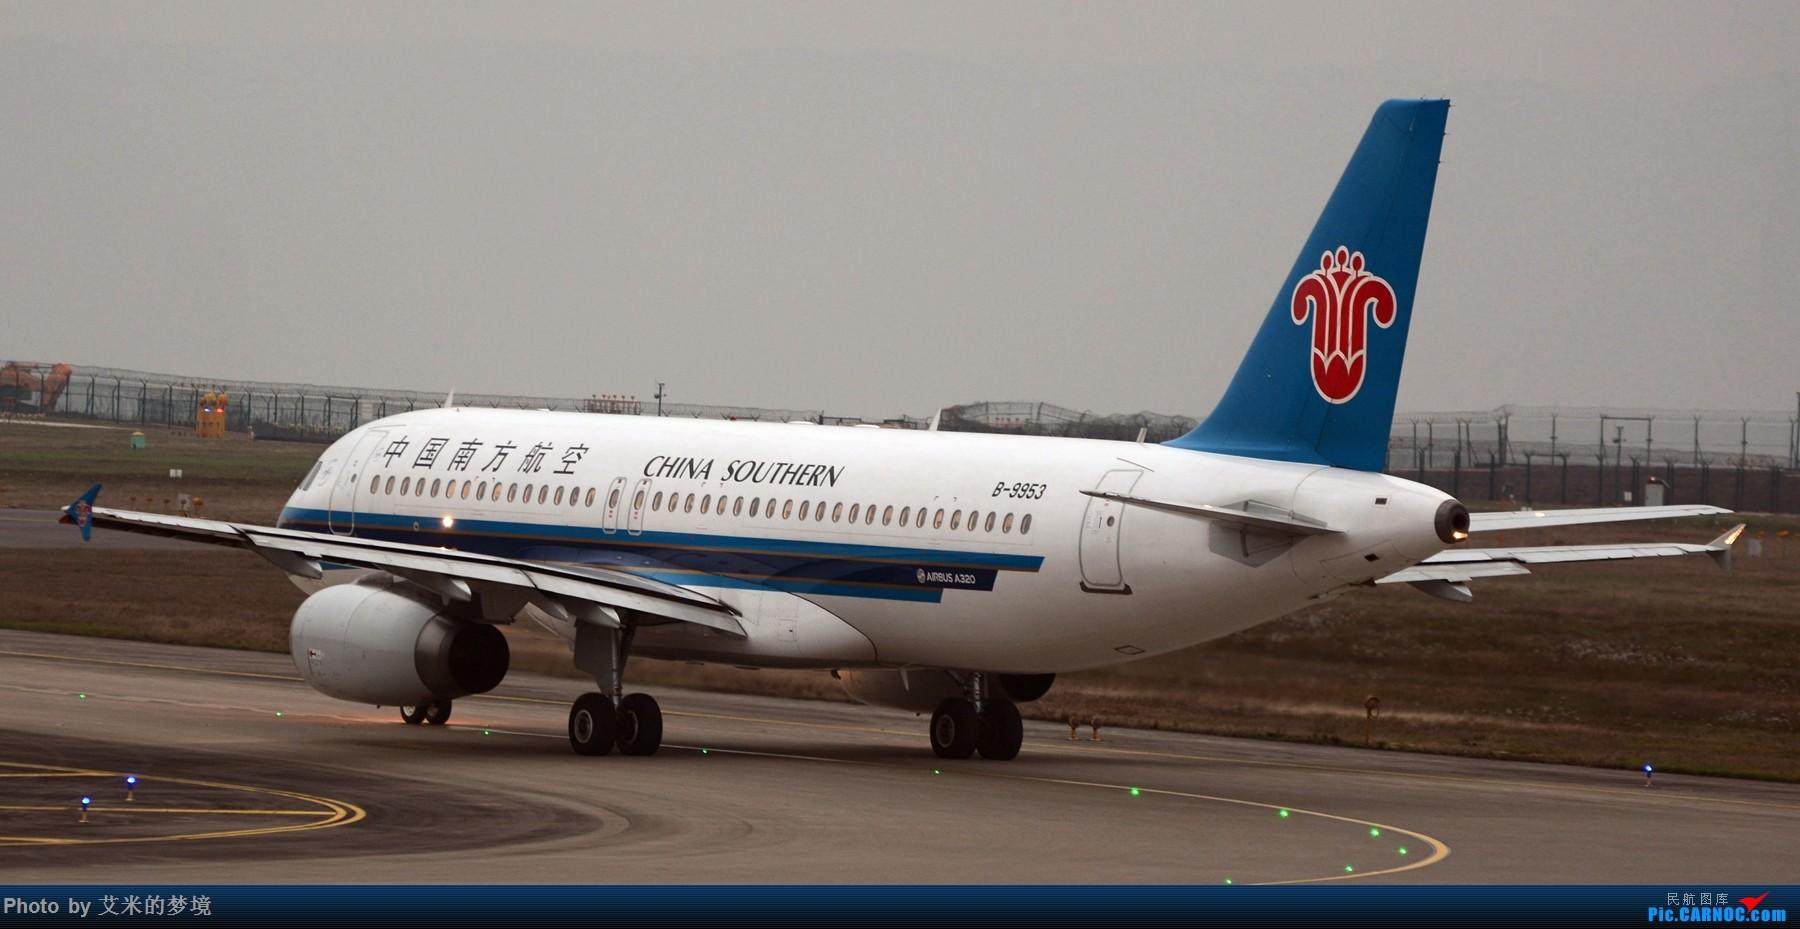 Re:[原创]【carnoc重庆飞友会】春运辣么忙,我想去拍拍。天气那么烂,技术也不好。 AIRBUS A320-200 B-9953 中国重庆江北国际机场